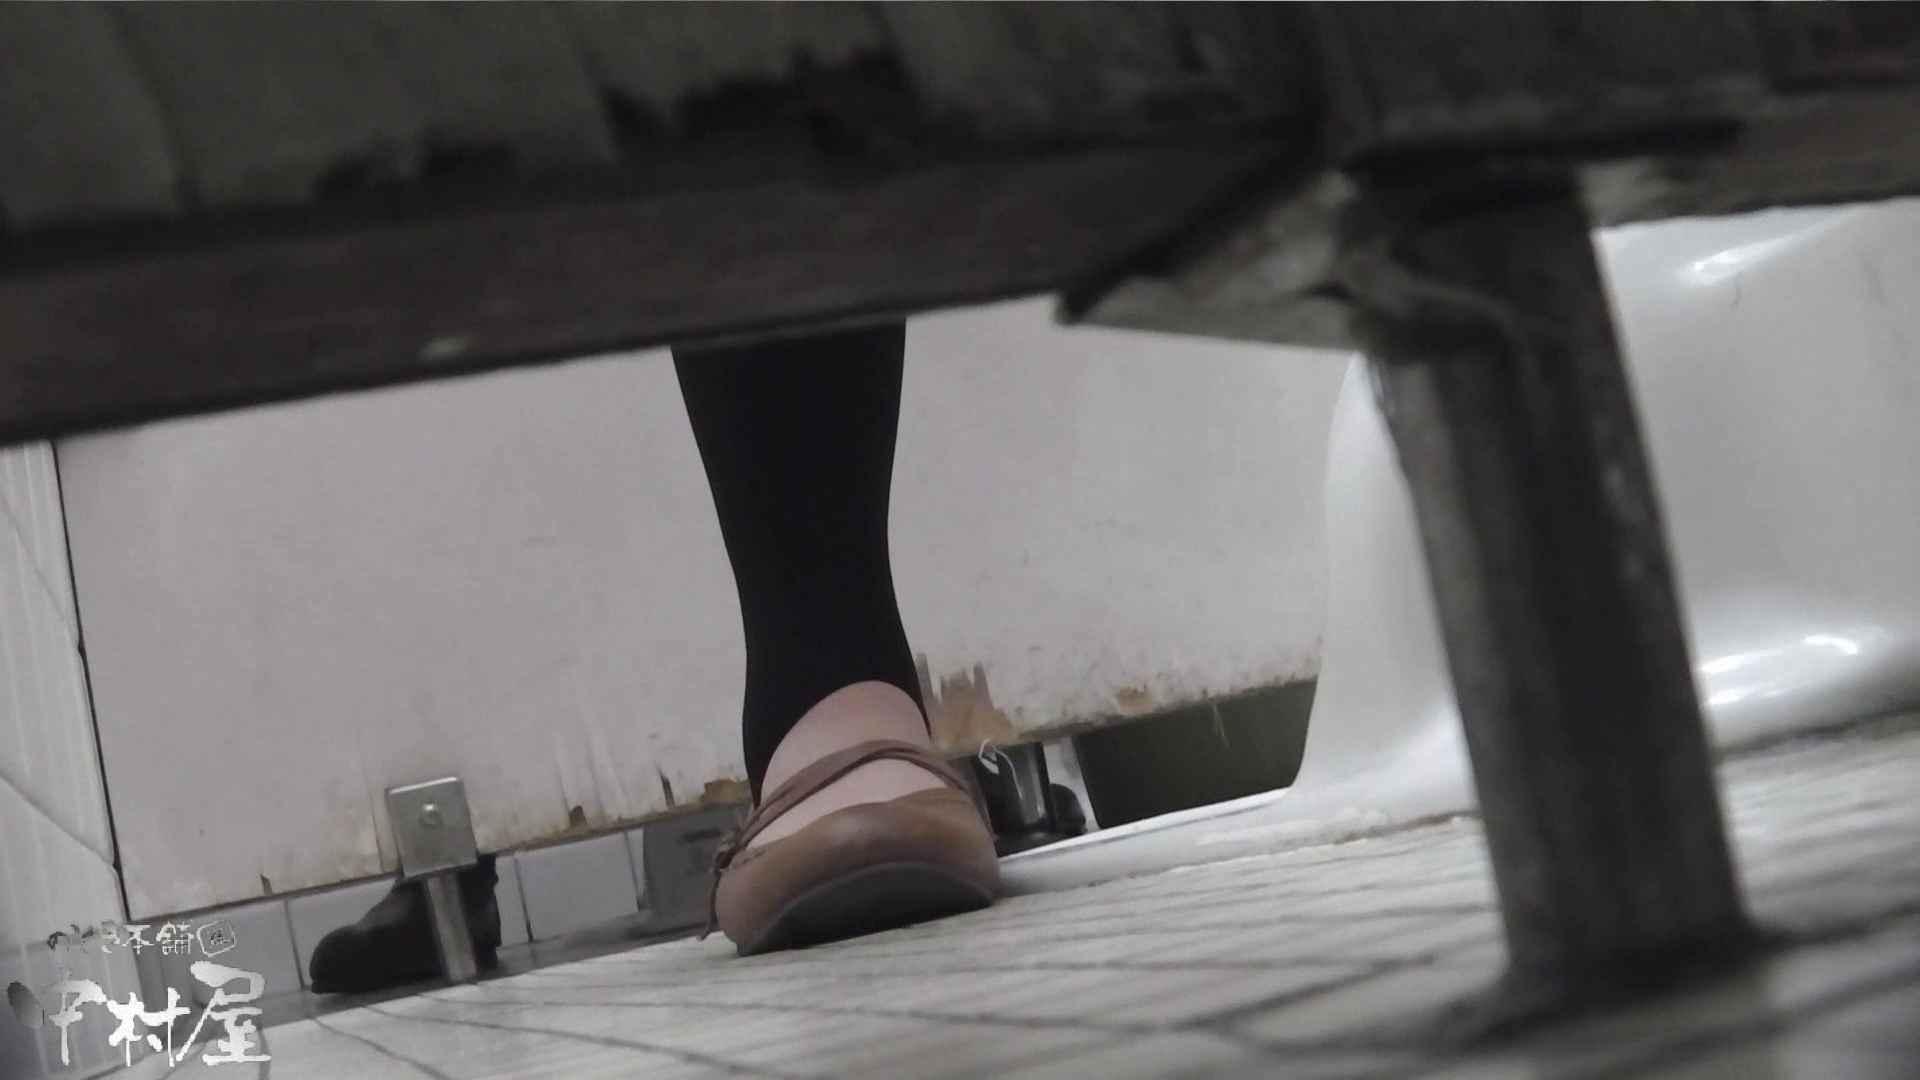 vol.14 命がけ潜伏洗面所! 色白ネーチャンヒクヒク! 潜入 | プライベート  93連発 57